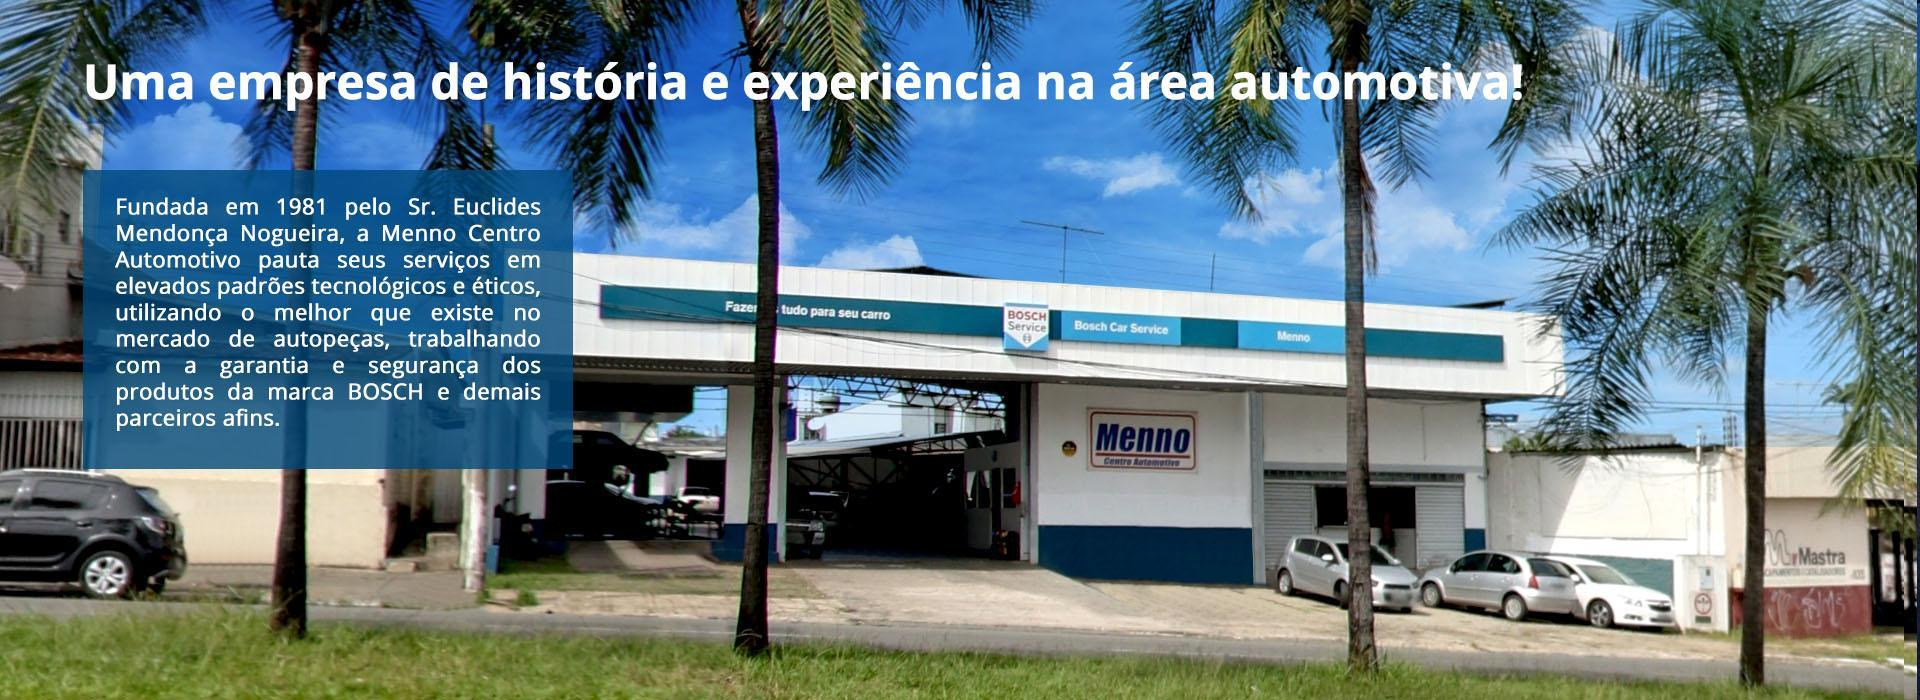 Uma empresa de história e experiência na área automotiva!